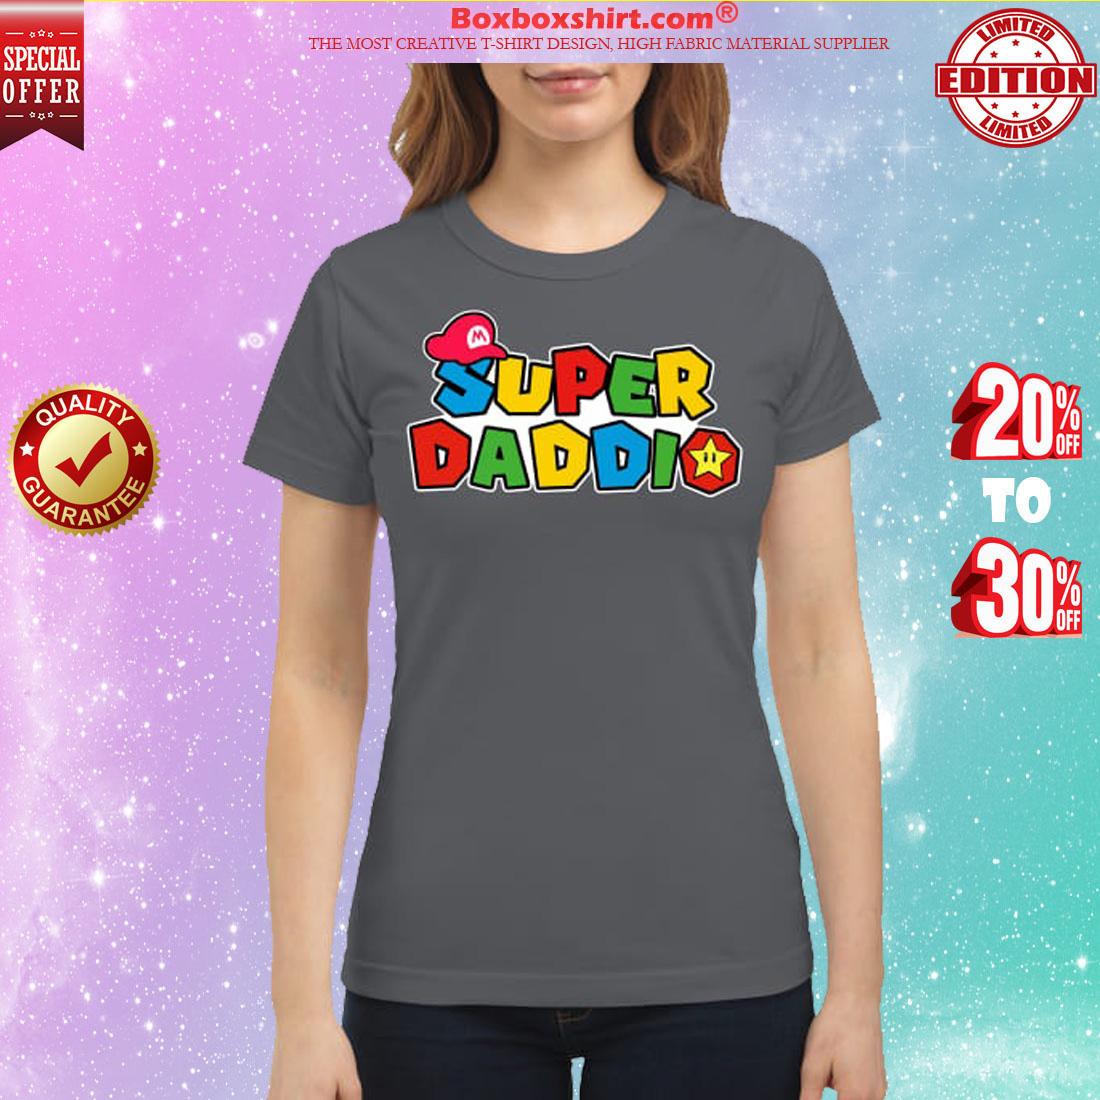 Mario Super daddio classic shirt